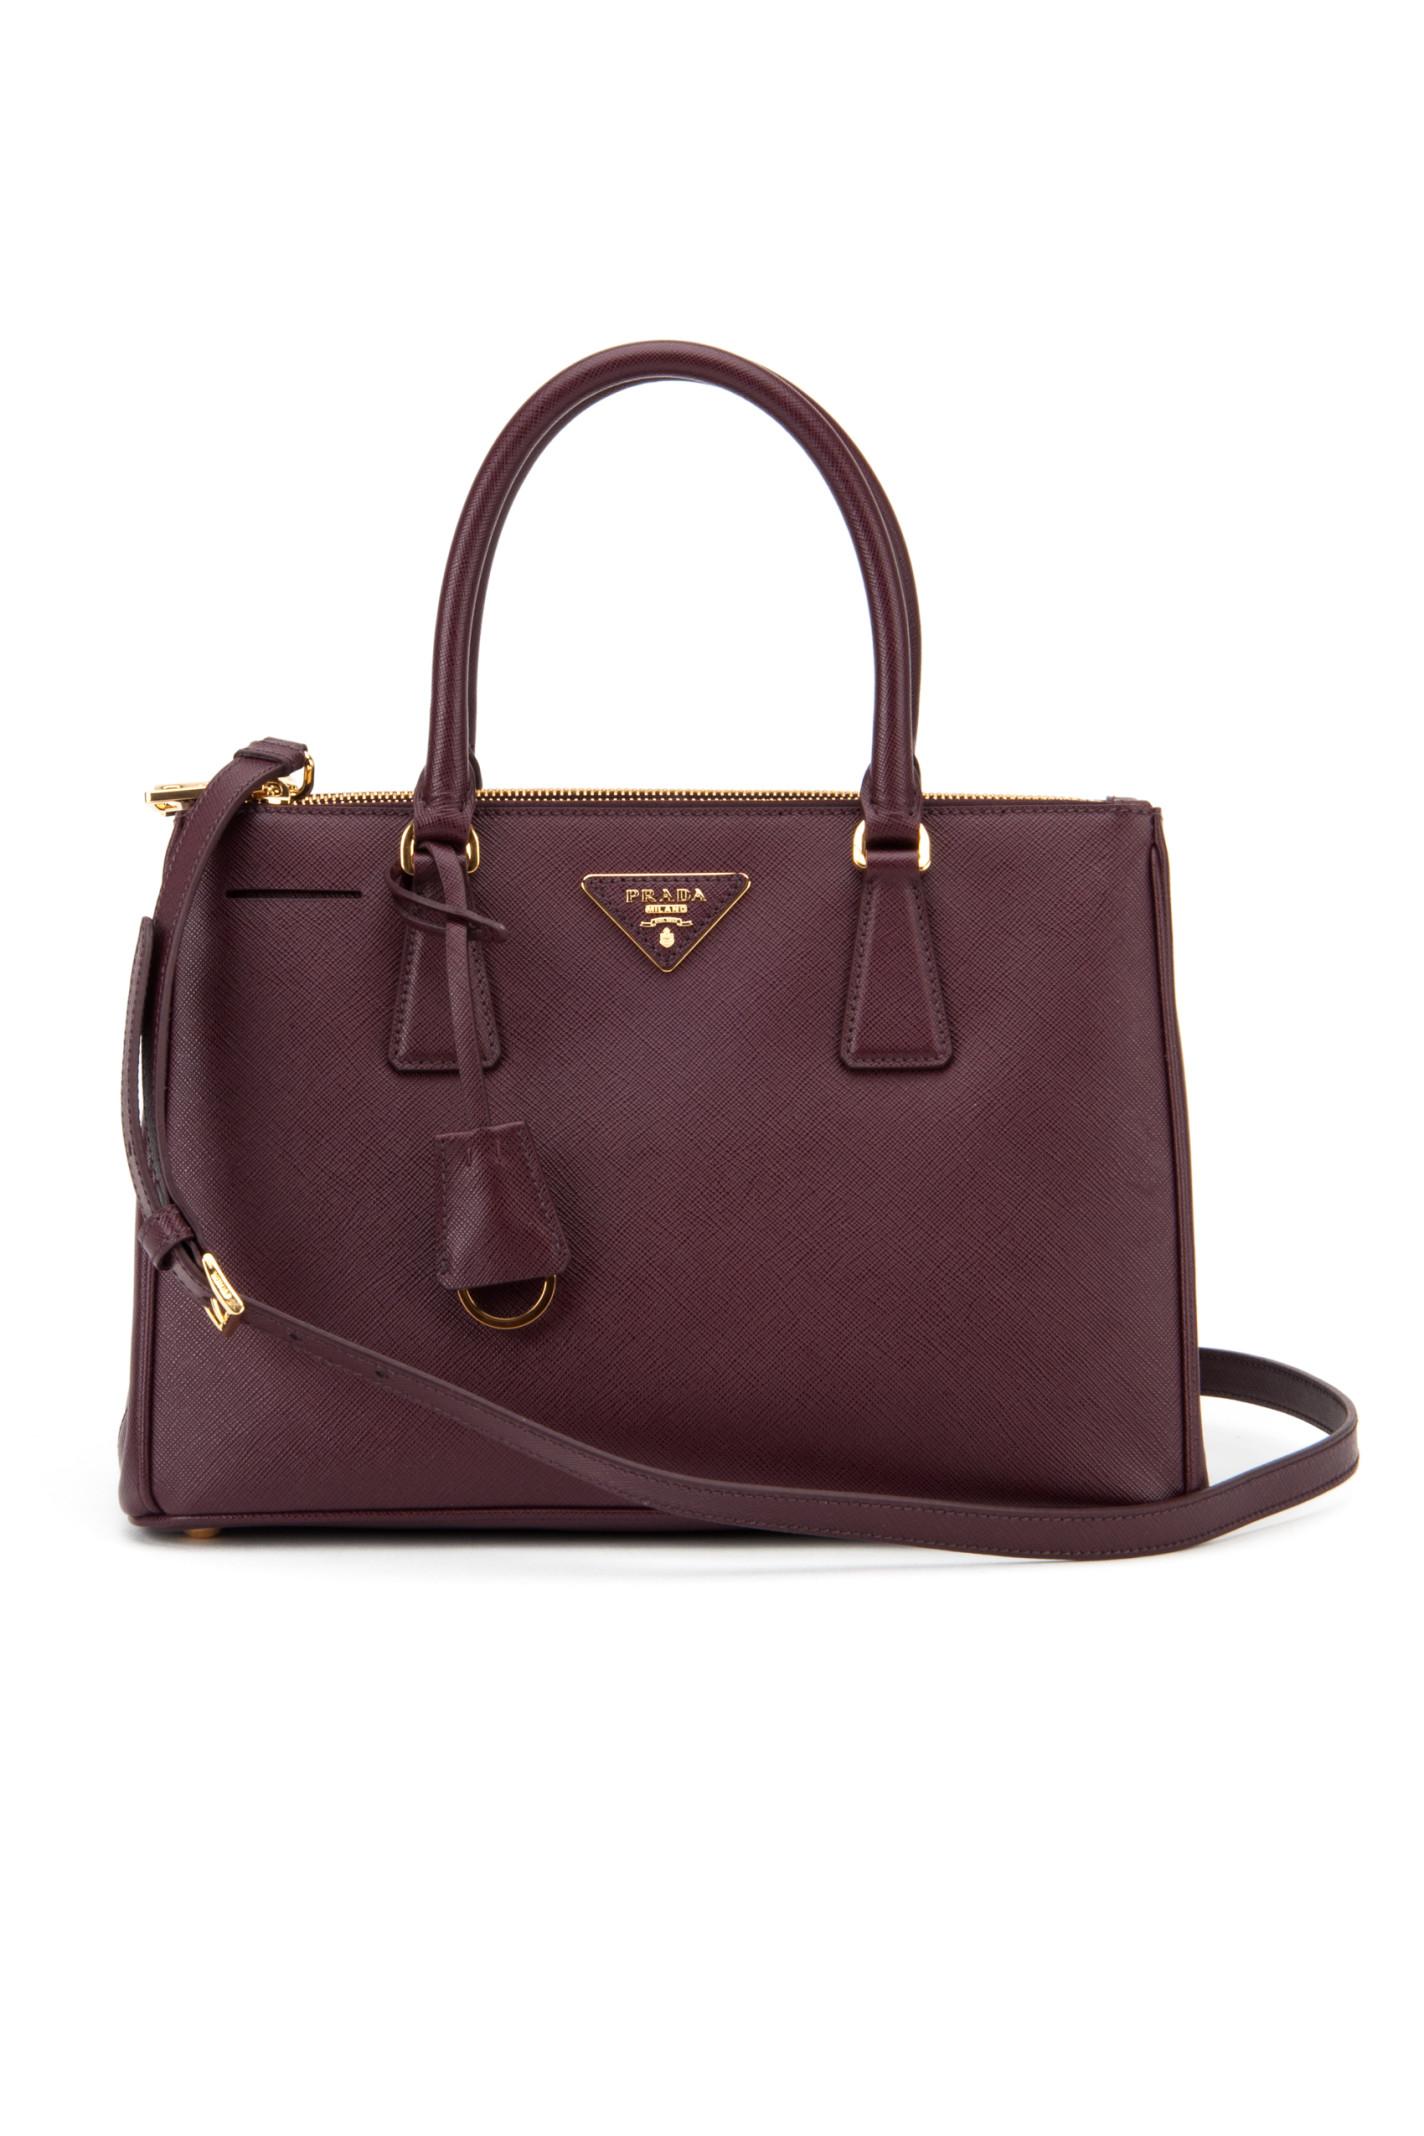 Prada Borsa Saffiano Lux in Purple (GRANATO) | Lyst